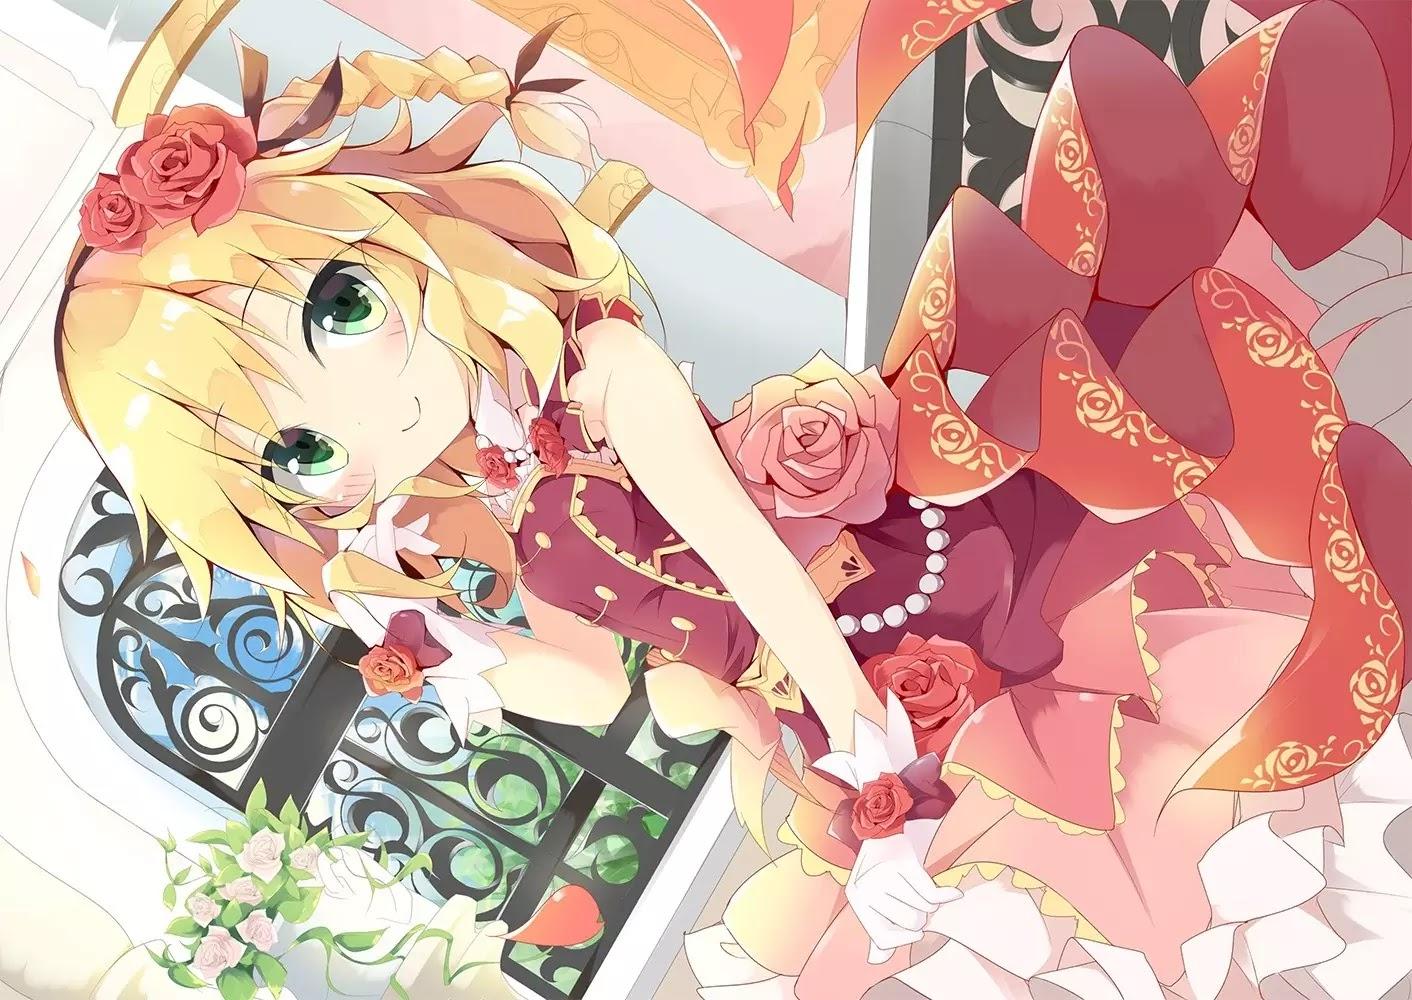 AowVN%2B%252880%2529 - [ Hình Nền ] Loli cực đẹp , cực độc Full HD | Anime Wallpaper